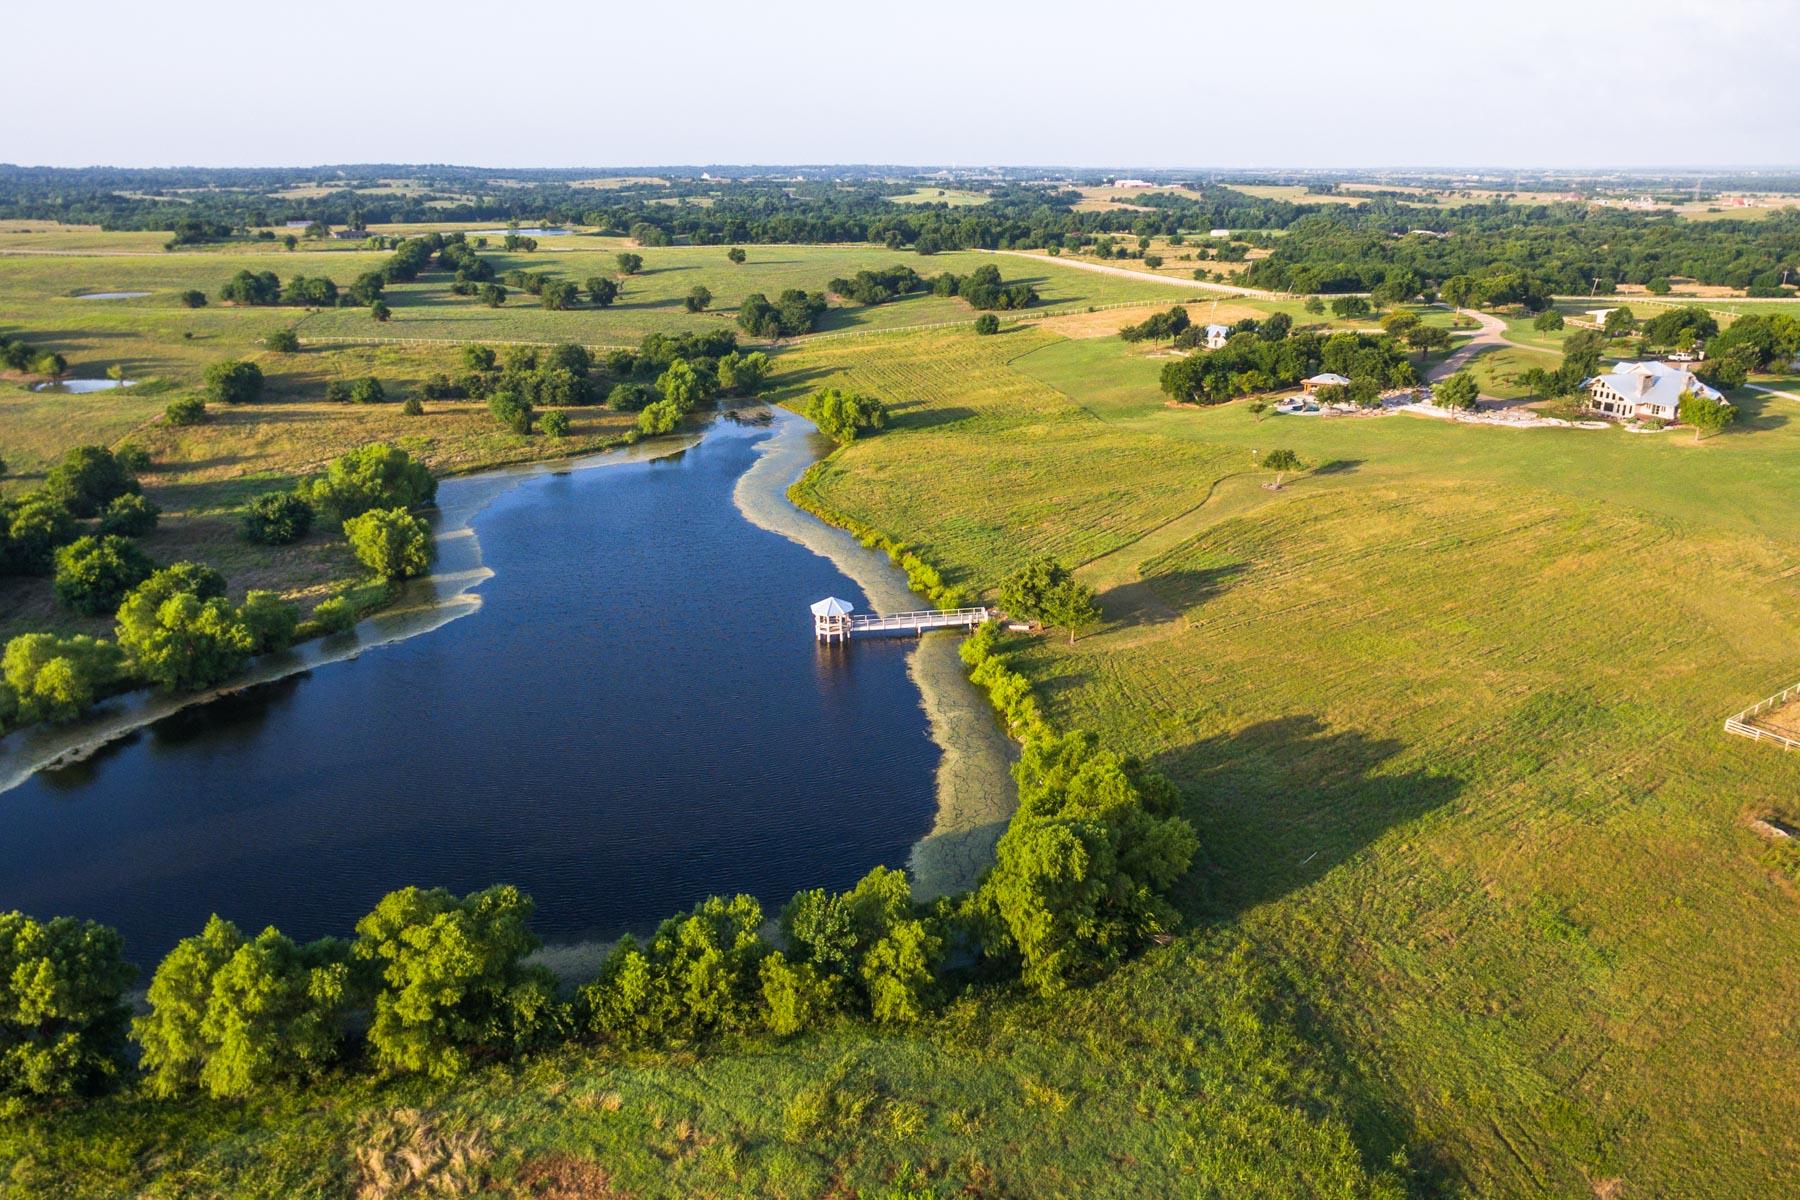 Ferme / Ranch / Plantation pour l Vente à Lone Oak Ranch 16489 CR 665 Farmersville, Texas, 75442 États-Unis